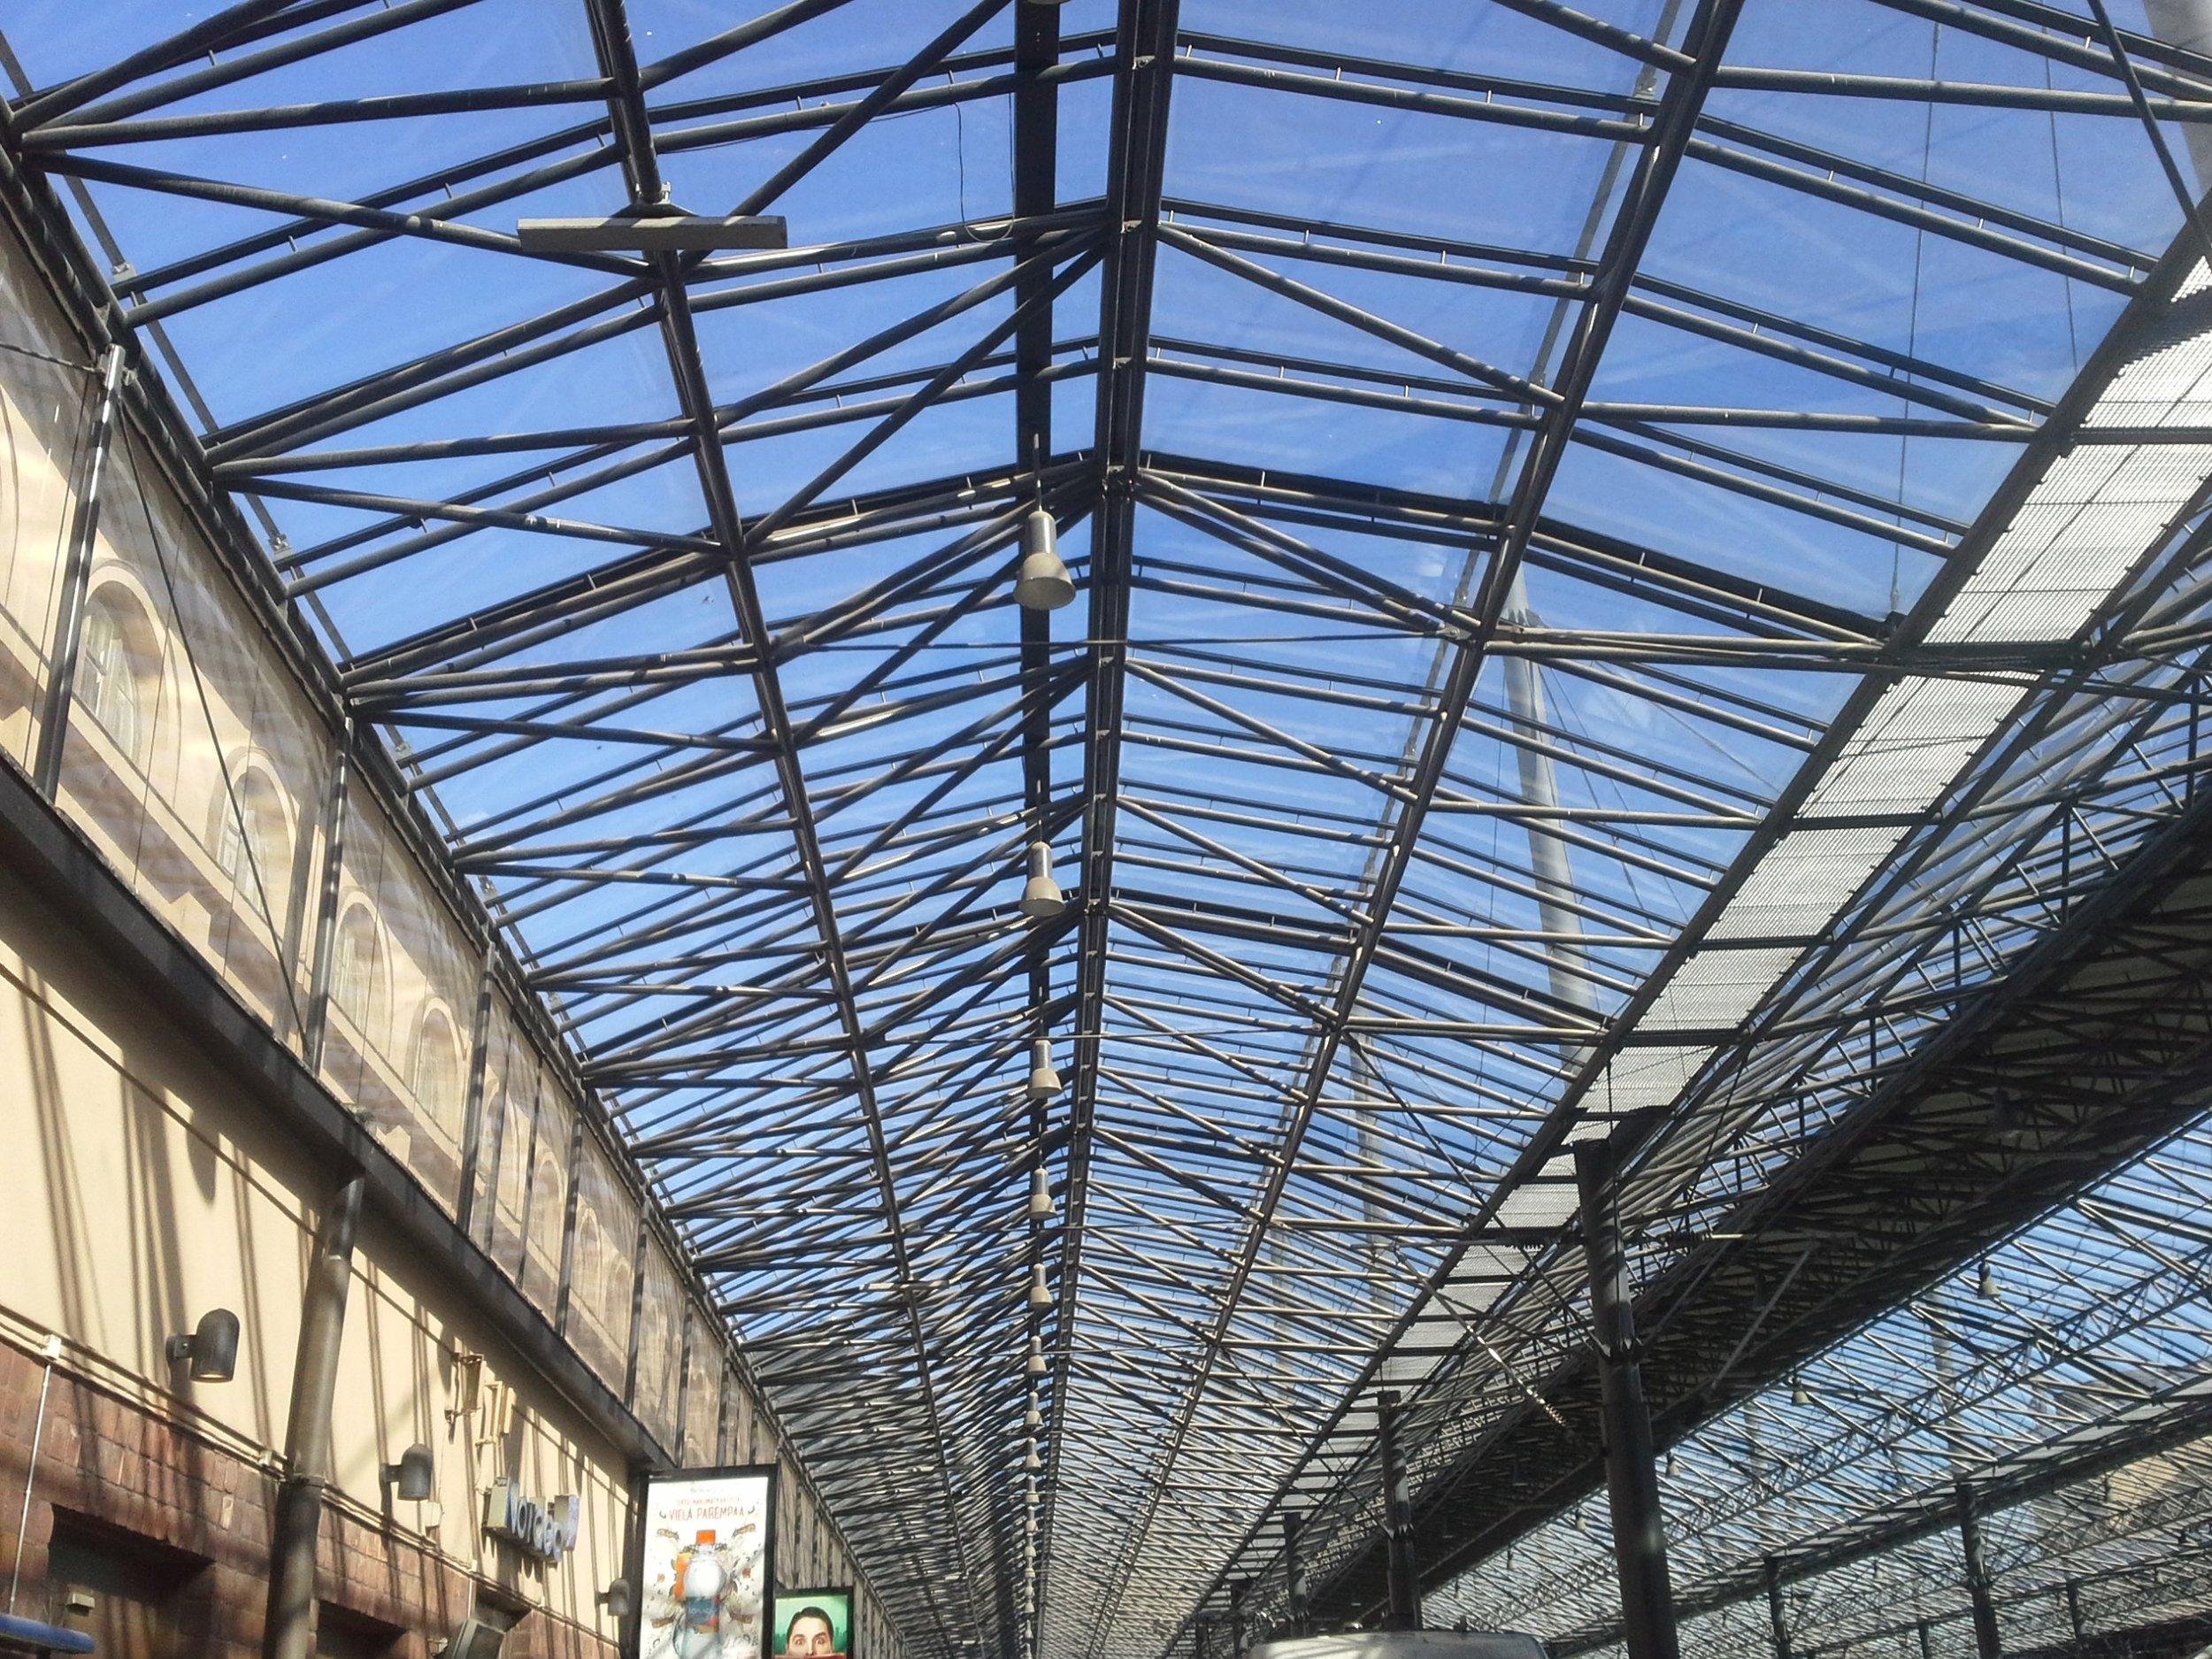 La stazione ferroviaria di Helsinki